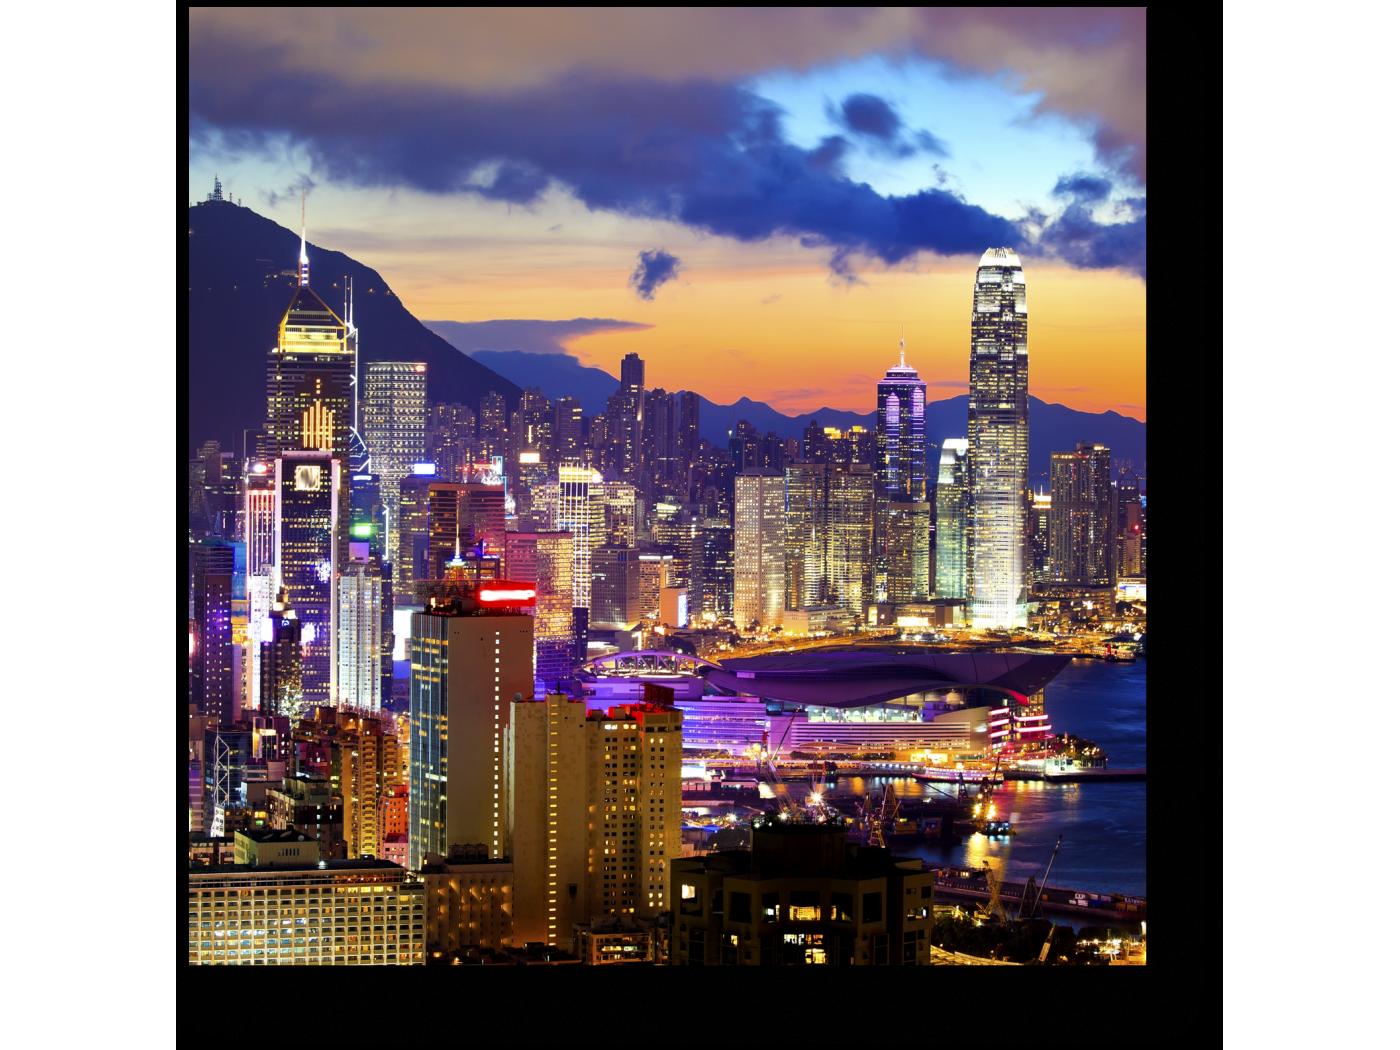 Модульная картина Красочный Гонконг в лучах закатного солнца (20x20) фото